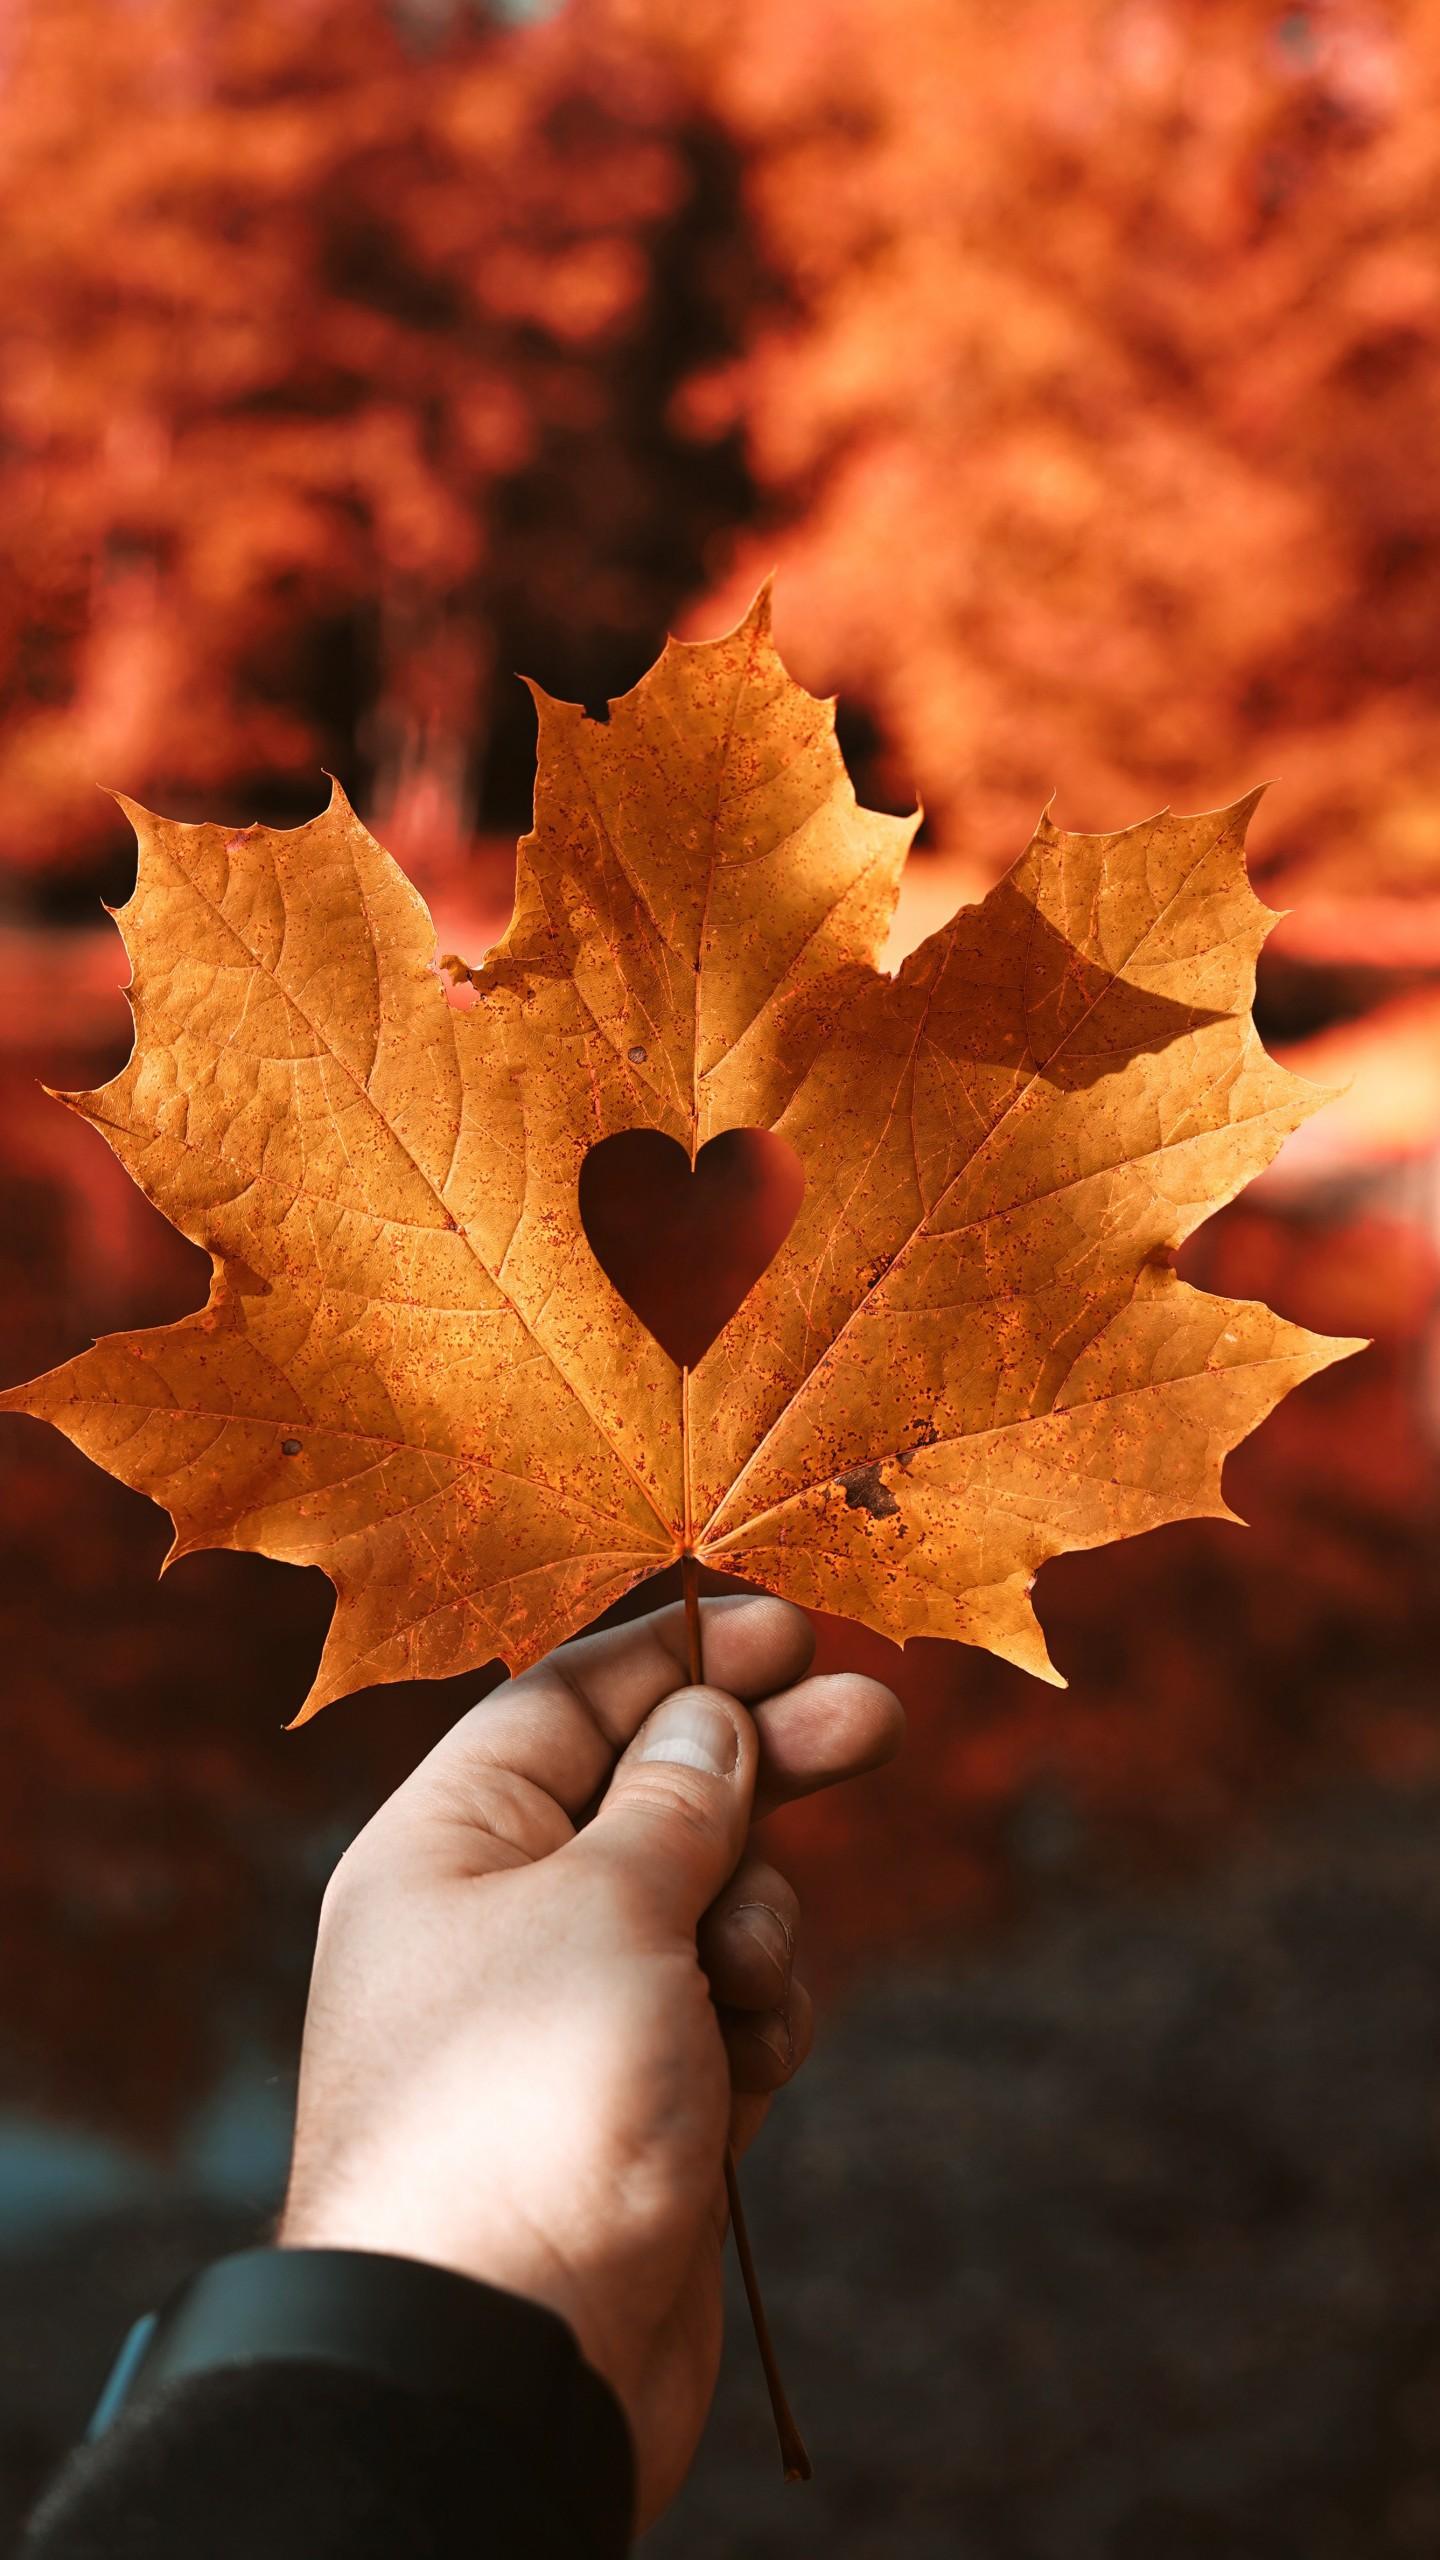 عکس زمینه عشق و قلب در برگ پاییزی پس زمینه